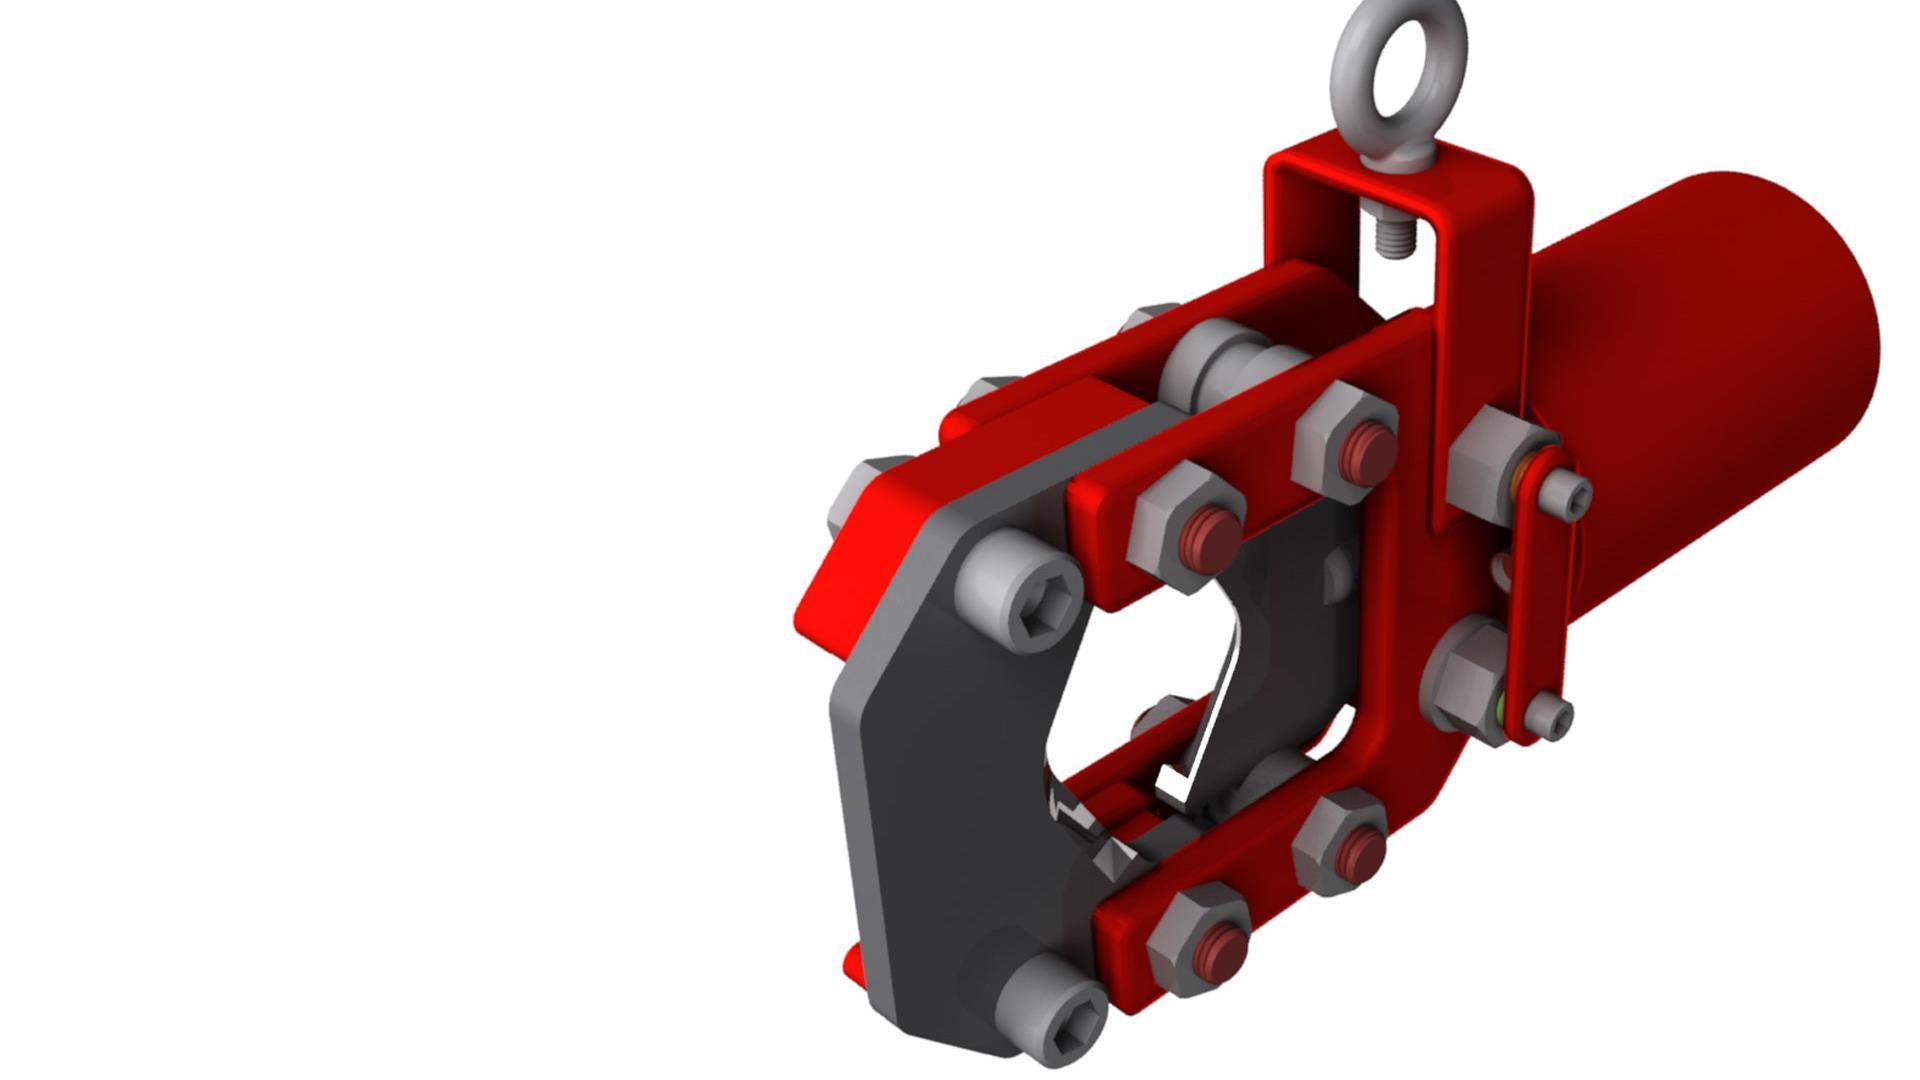 Render of Pressure Control Accessories Tubing Cutte